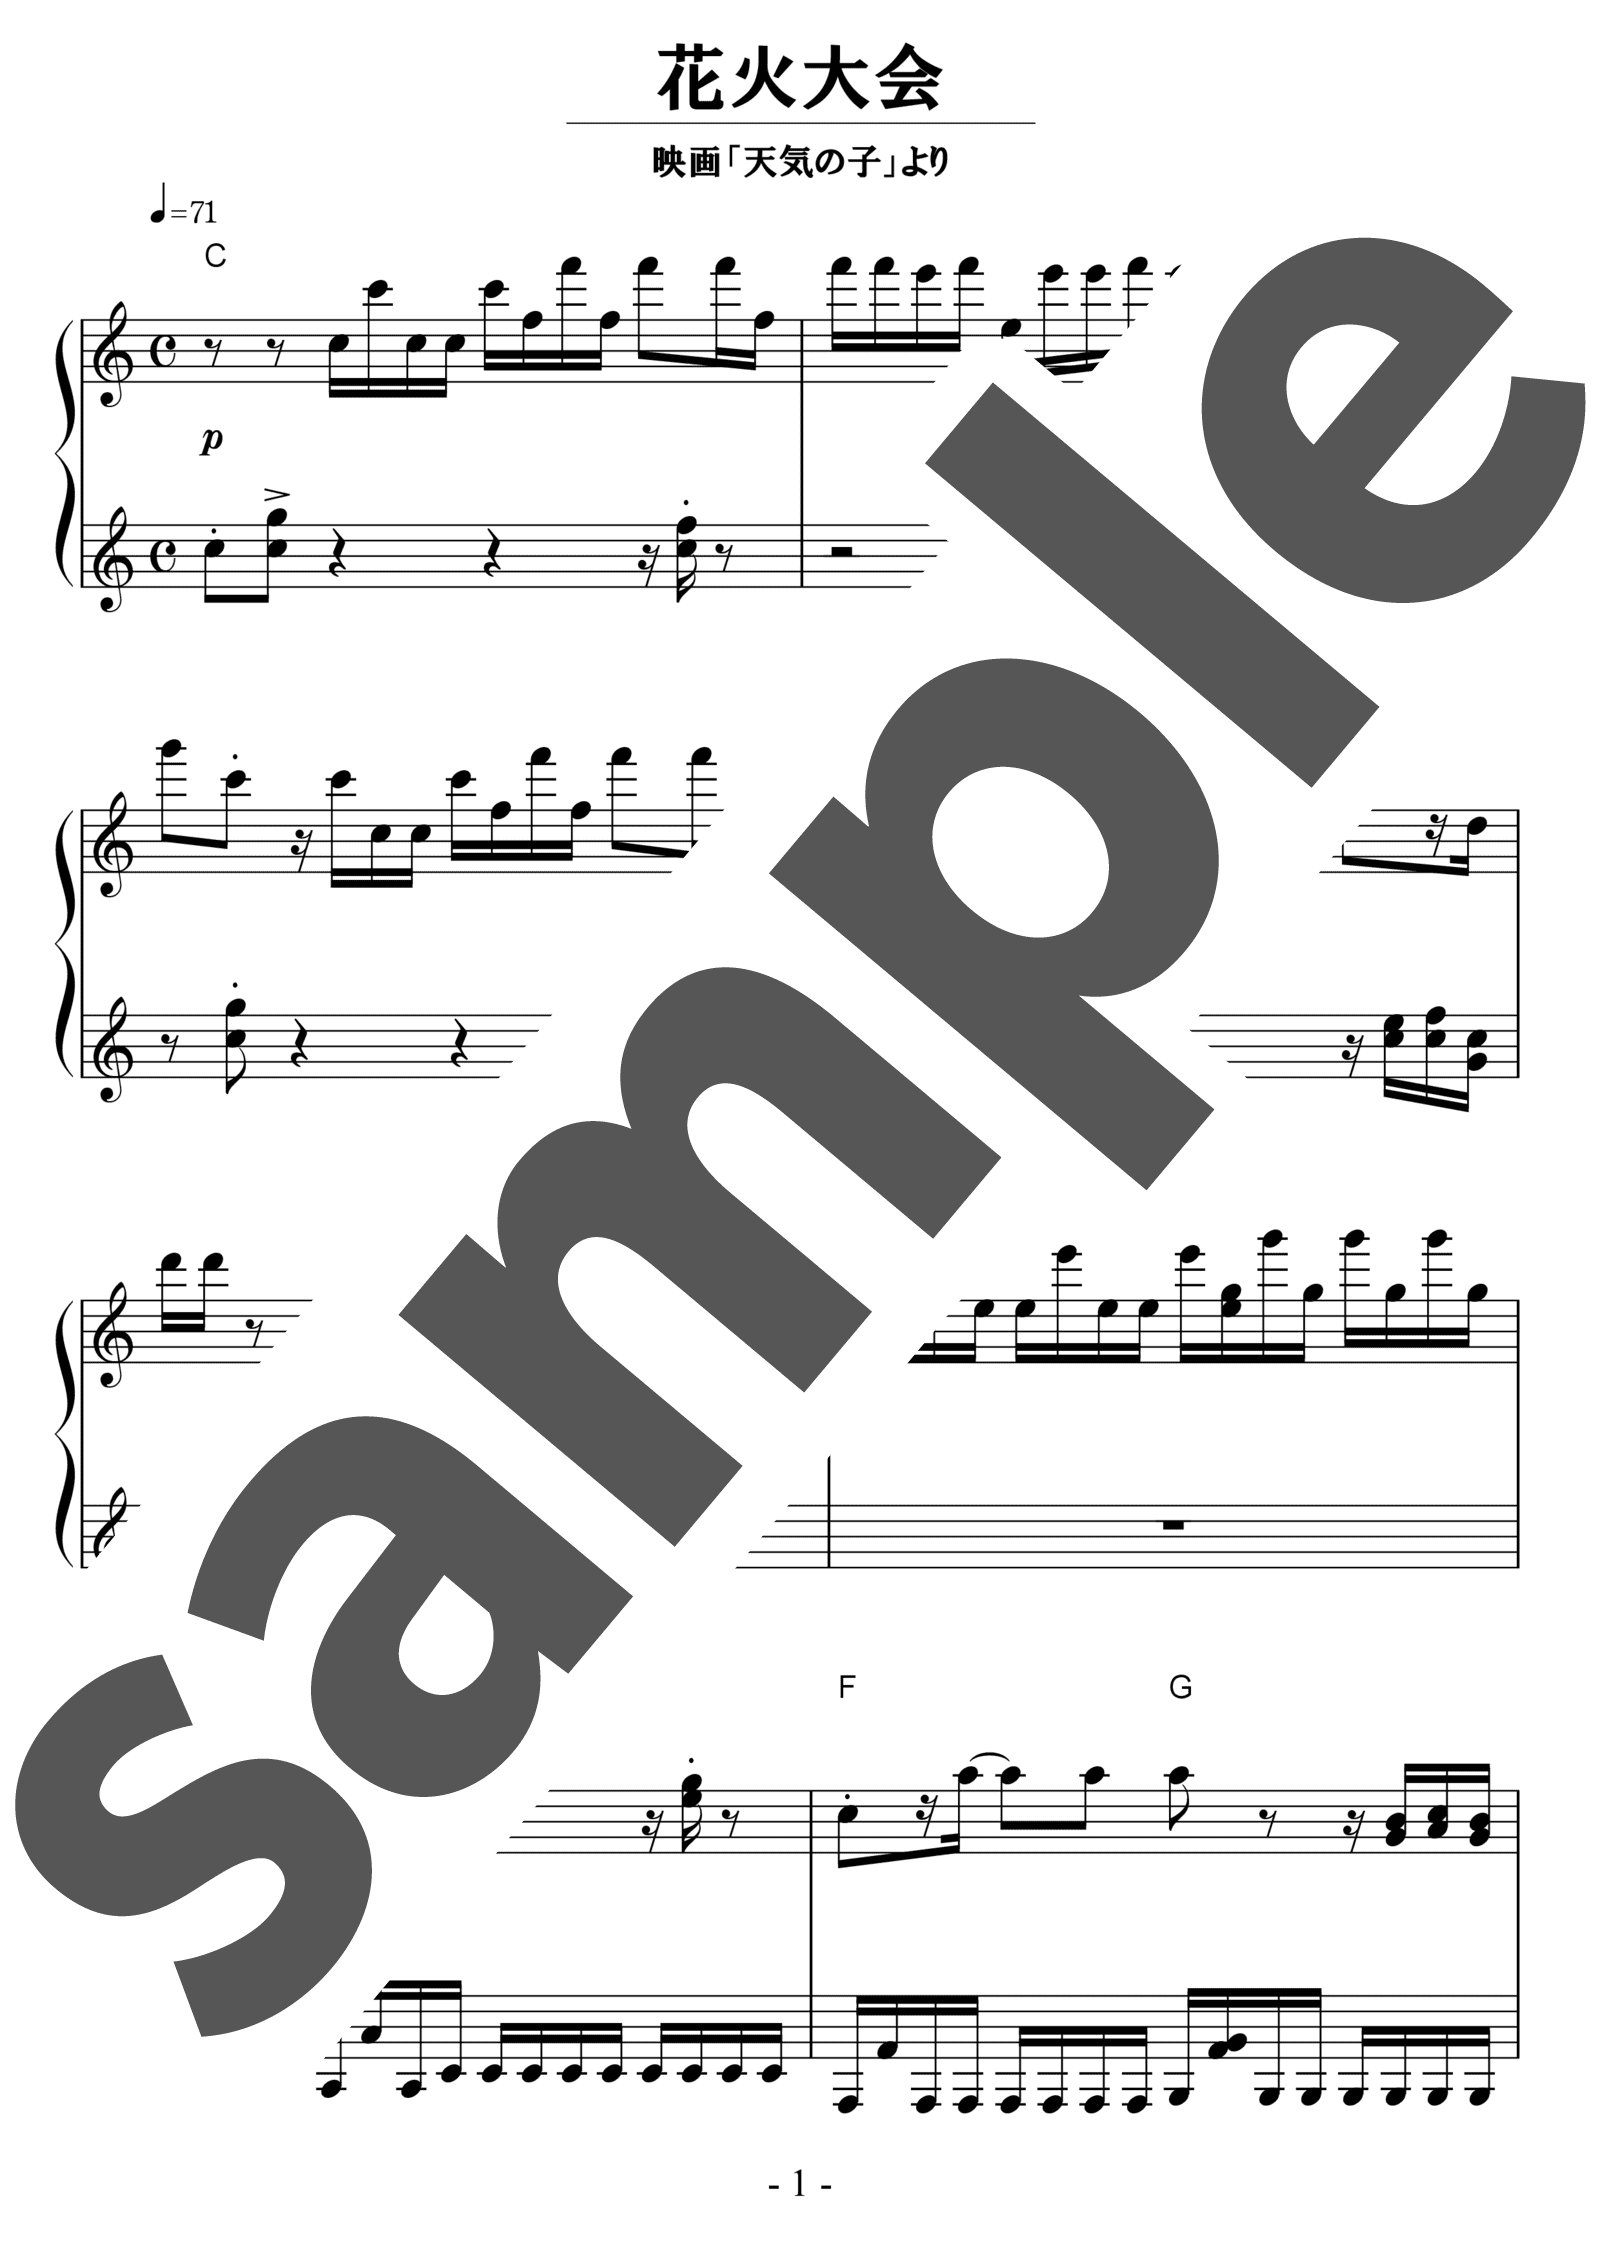 「花火大会」のサンプル楽譜